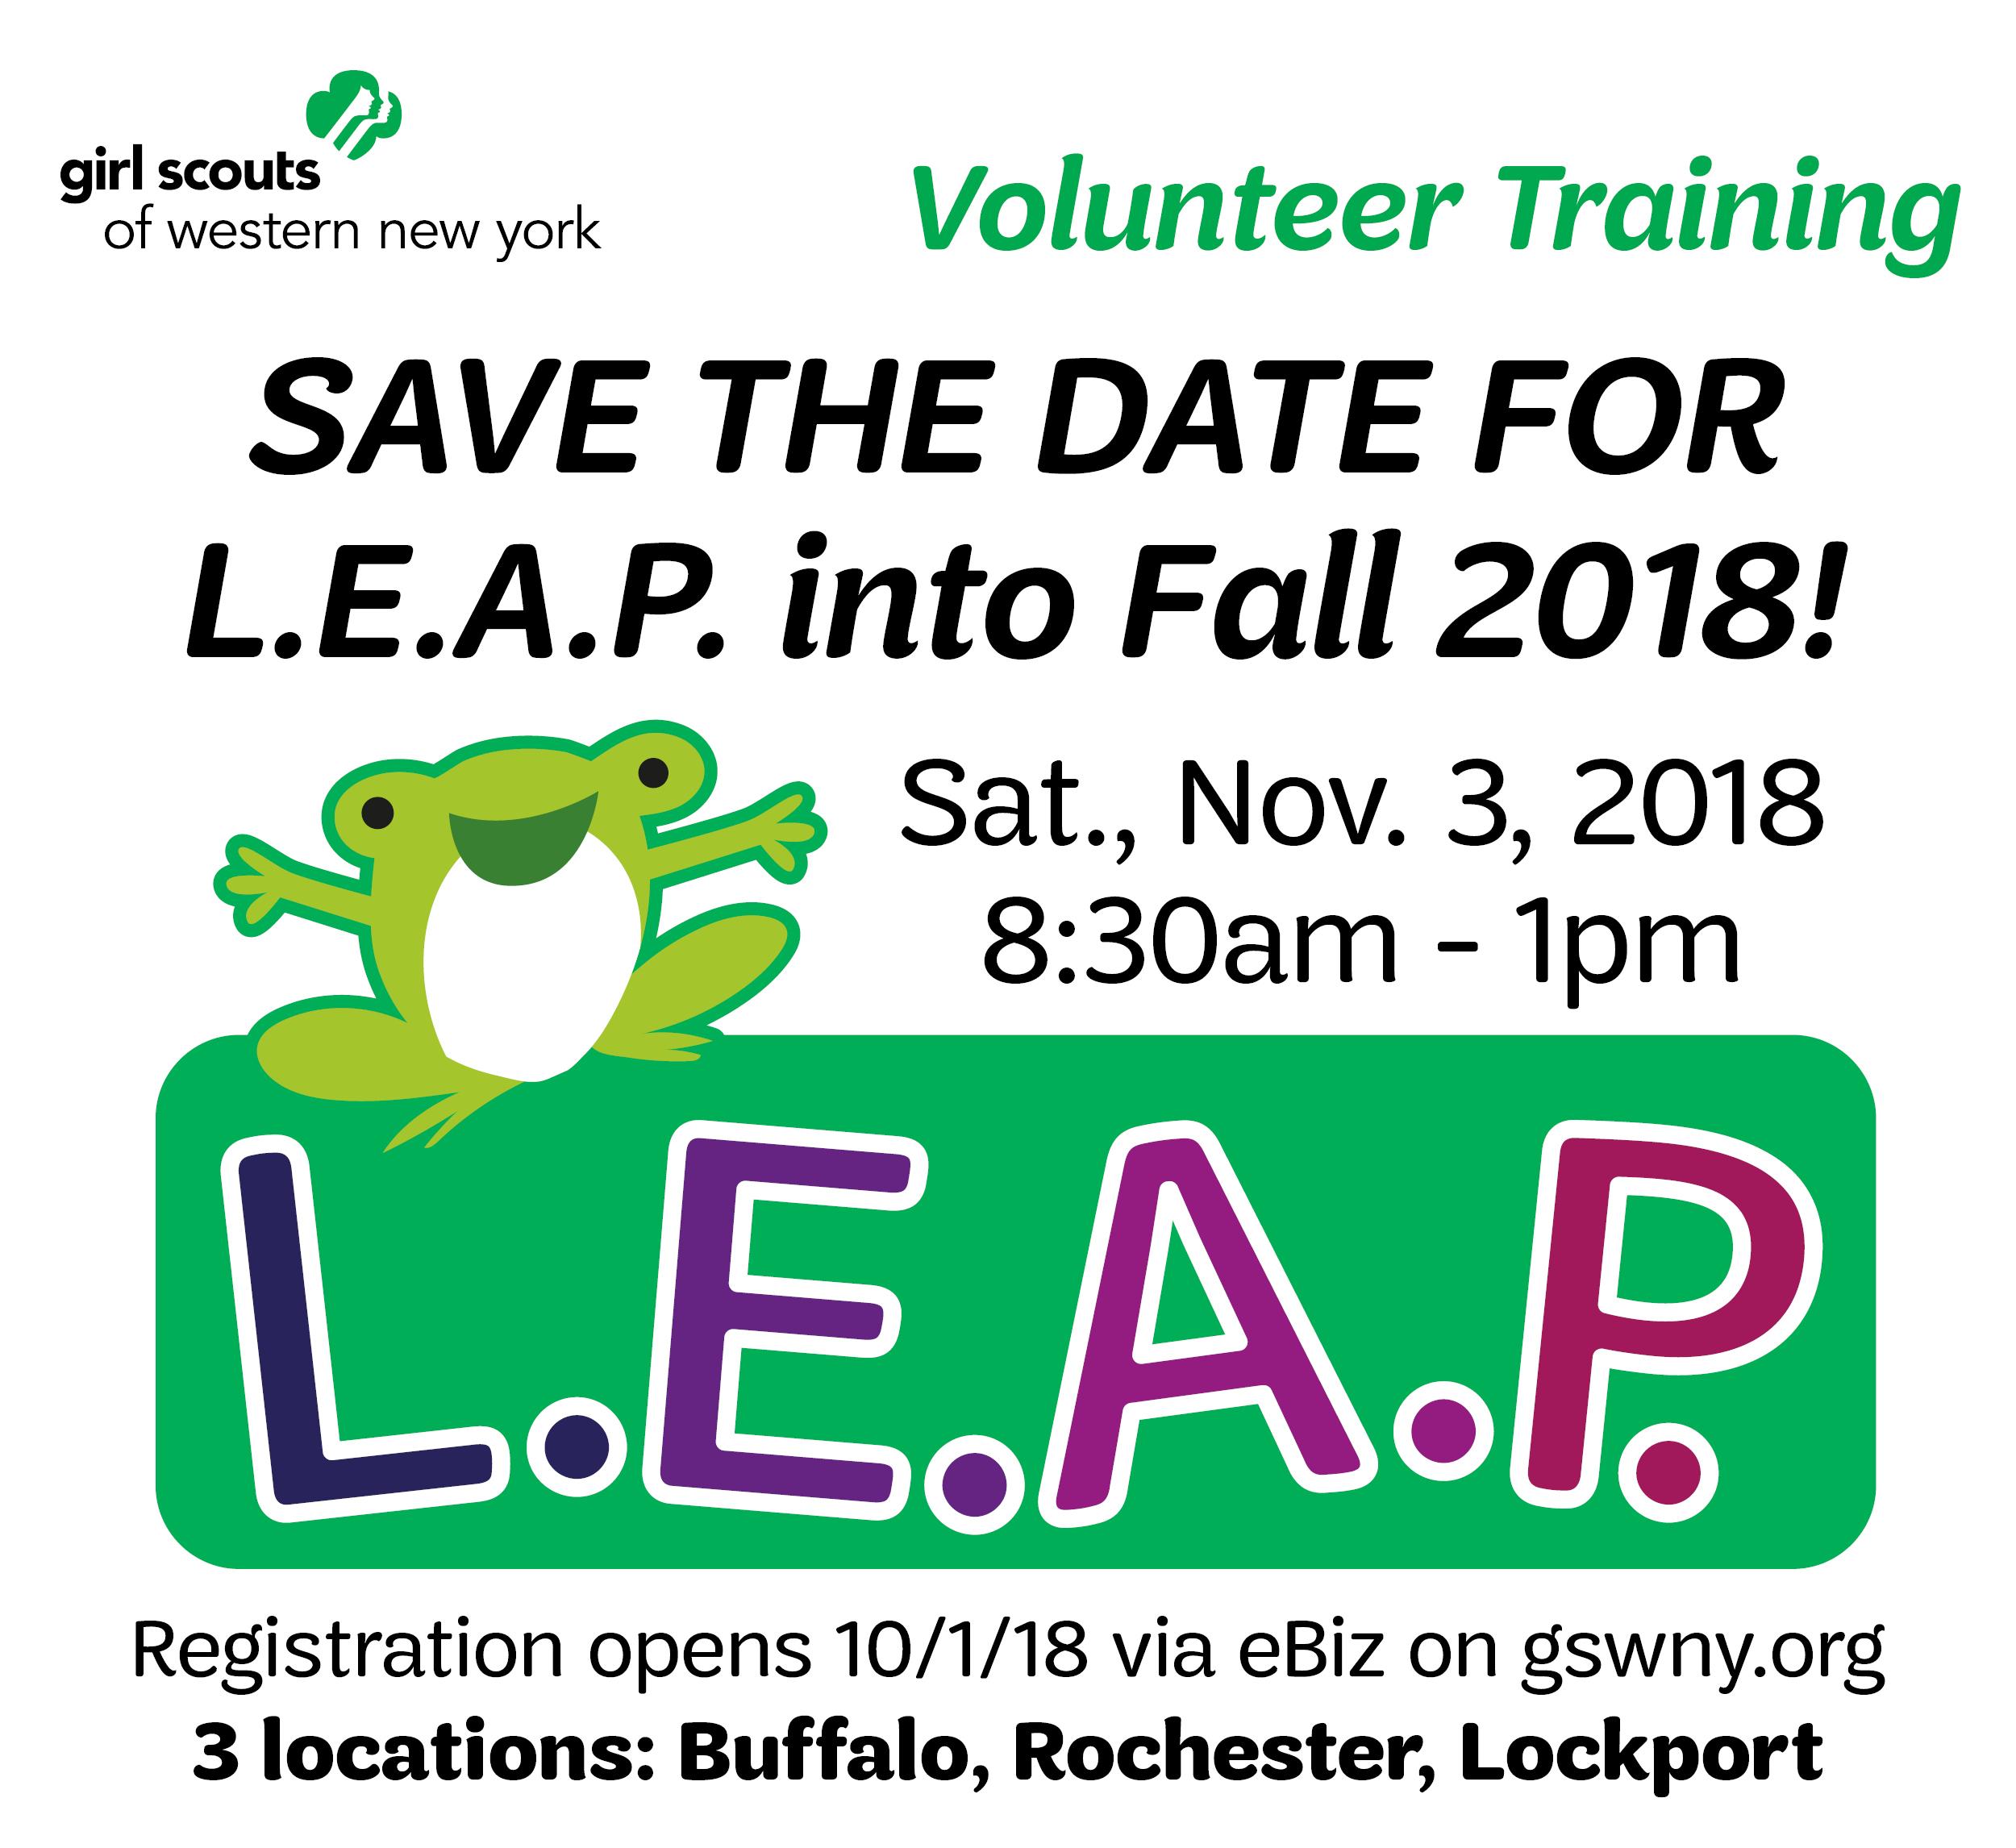 Fall 2018 L.E.A.P. save the date